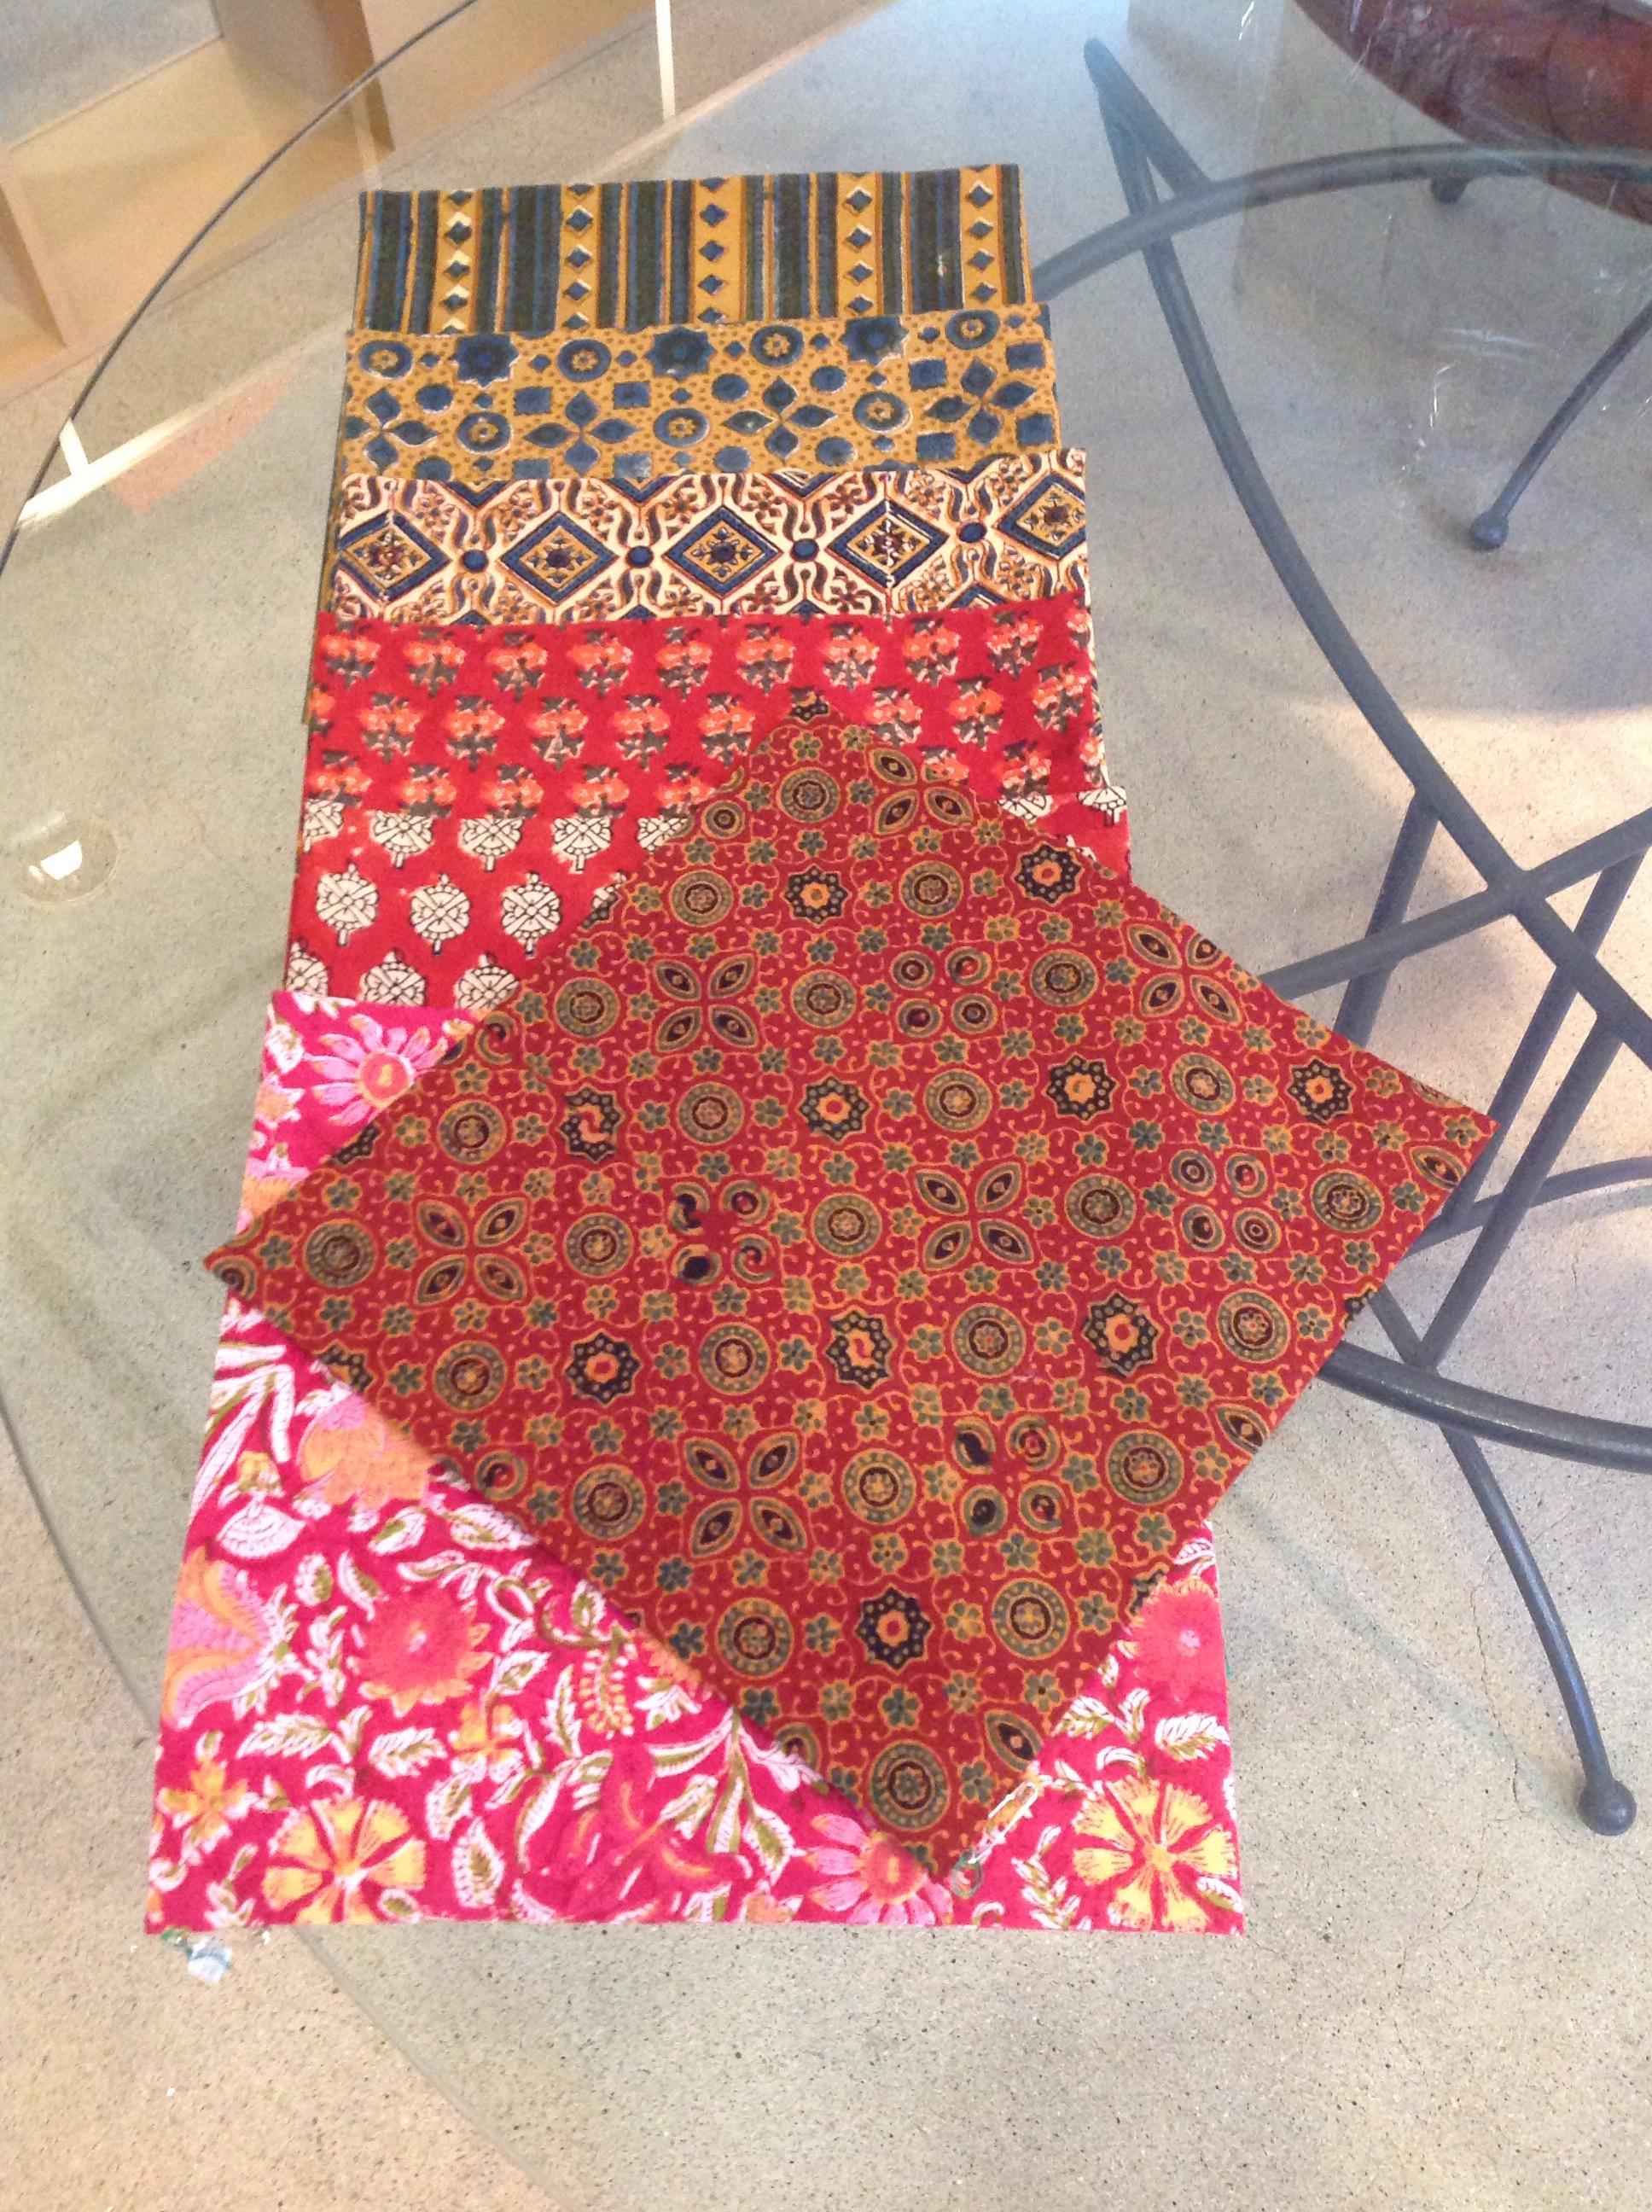 綿更紗の袱紗